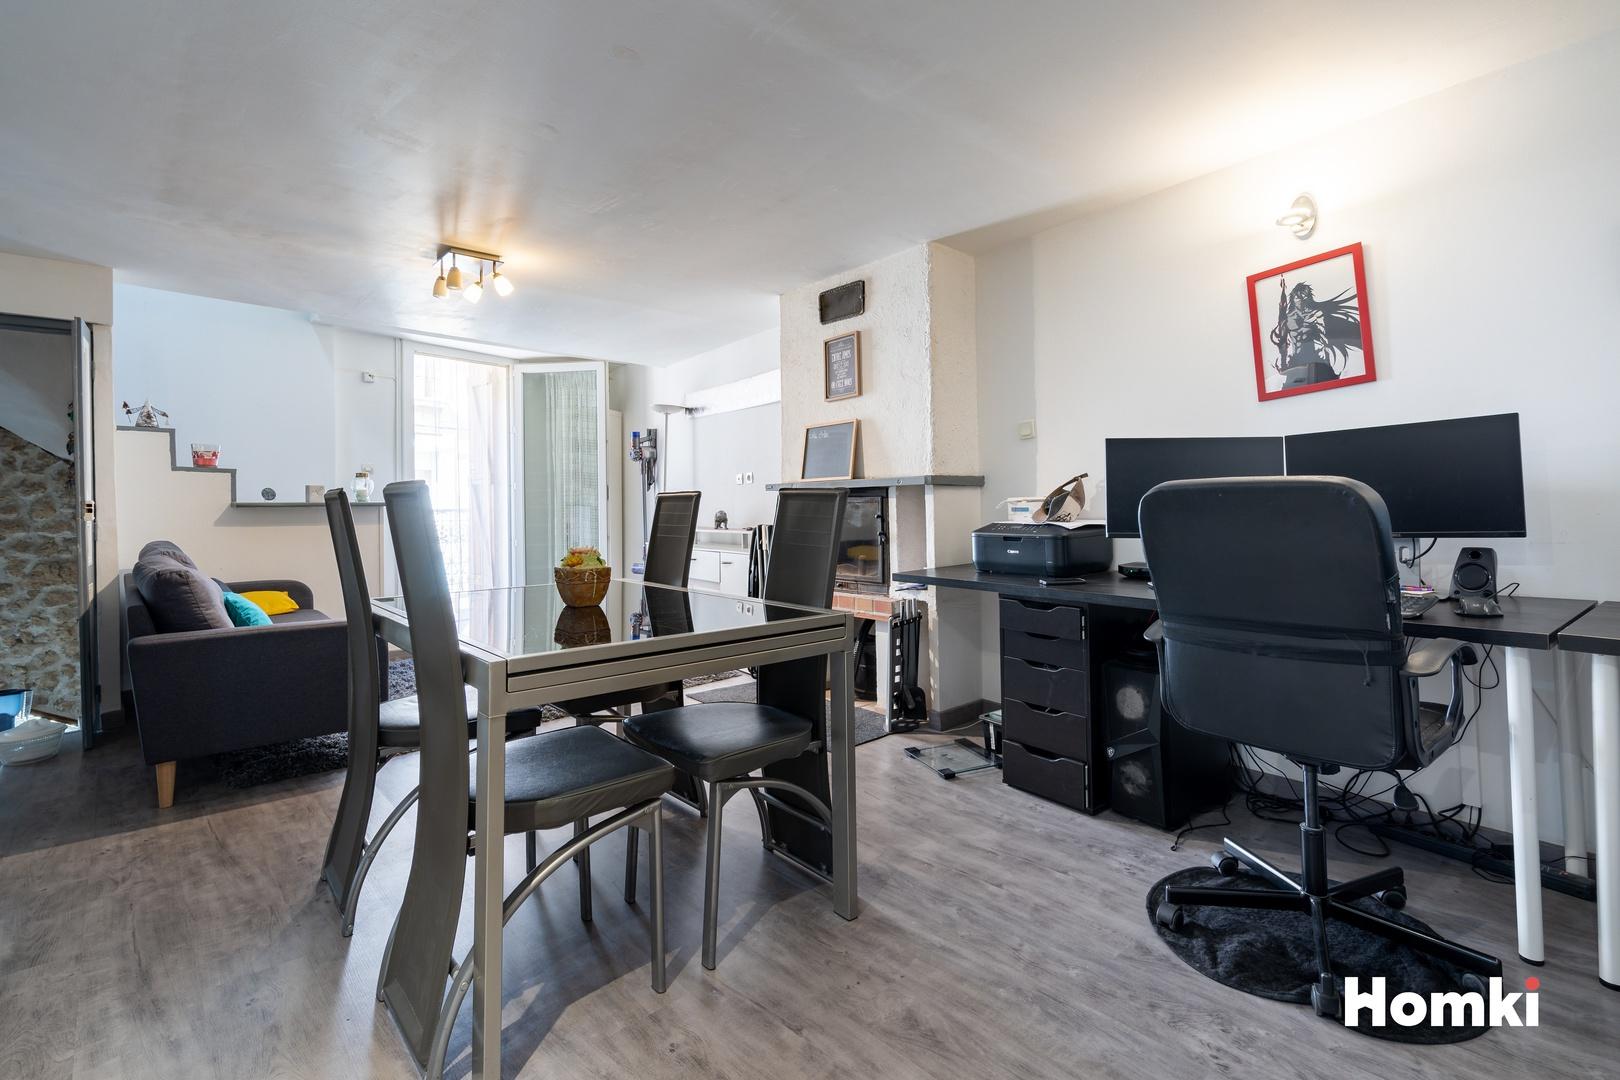 Homki - Vente Maison de ville  de 100.0 m² à Villeveyrac 34560